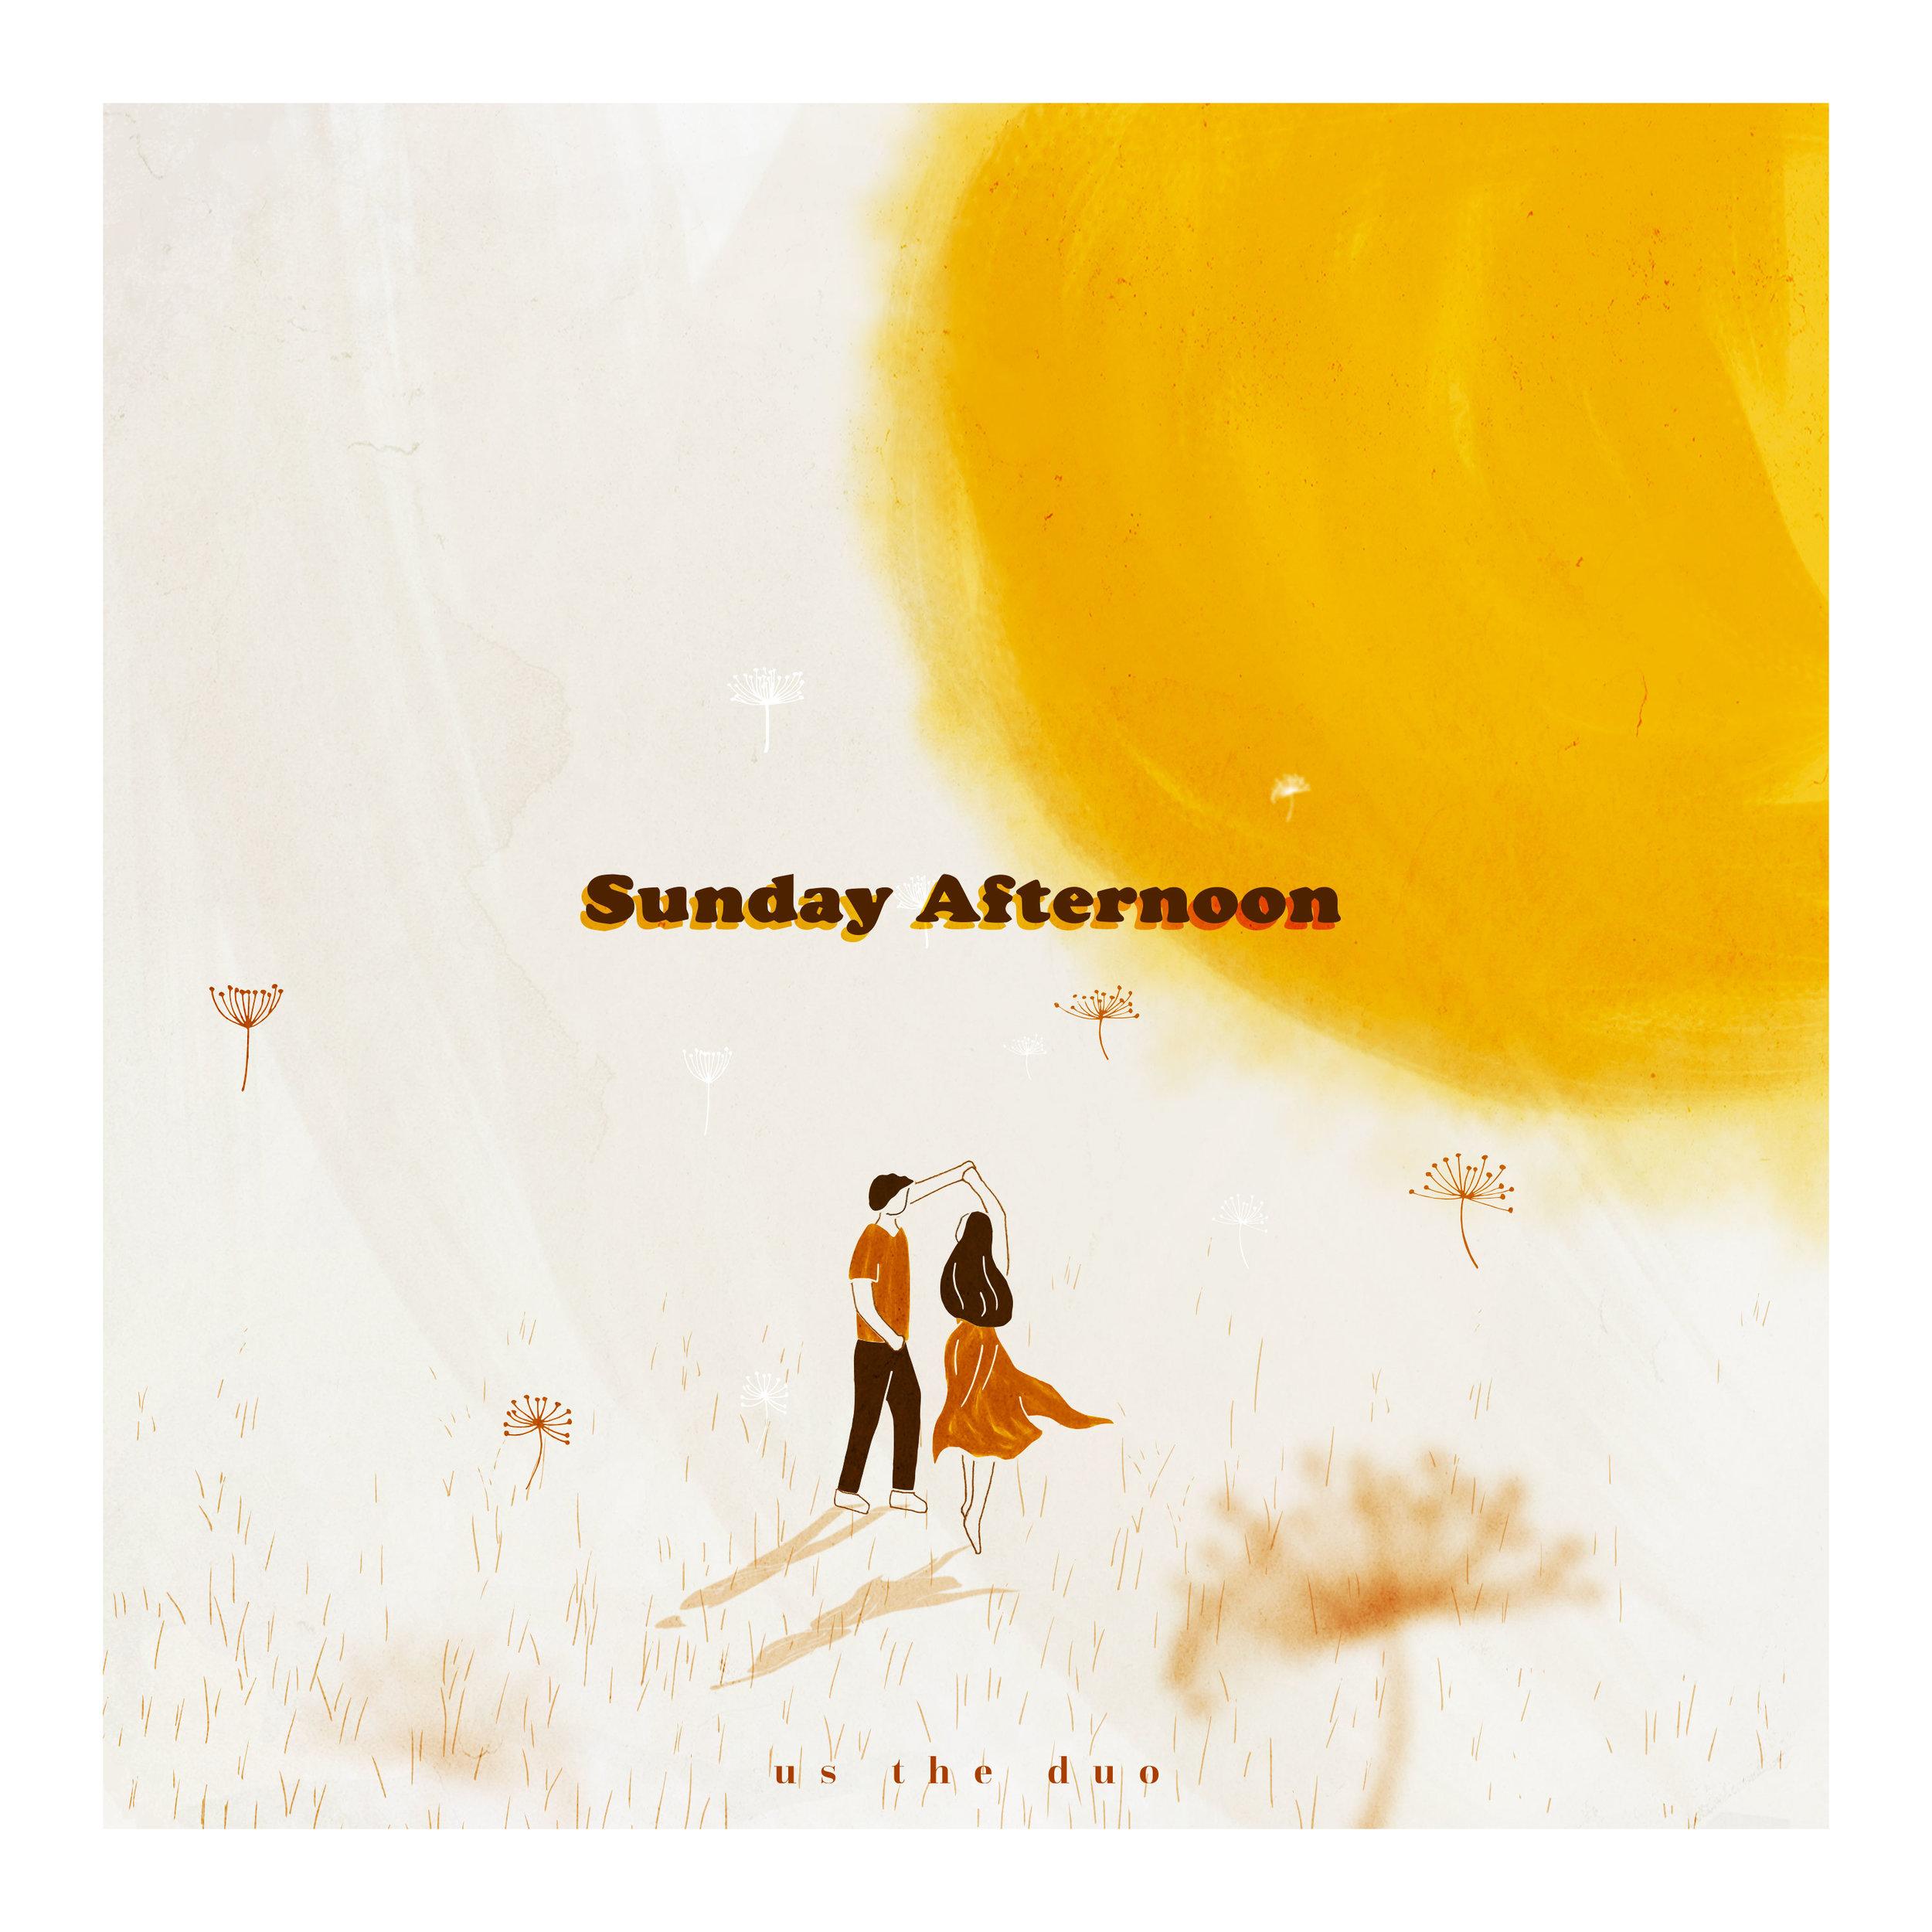 20190715-sunday-afternoon-1.jpg